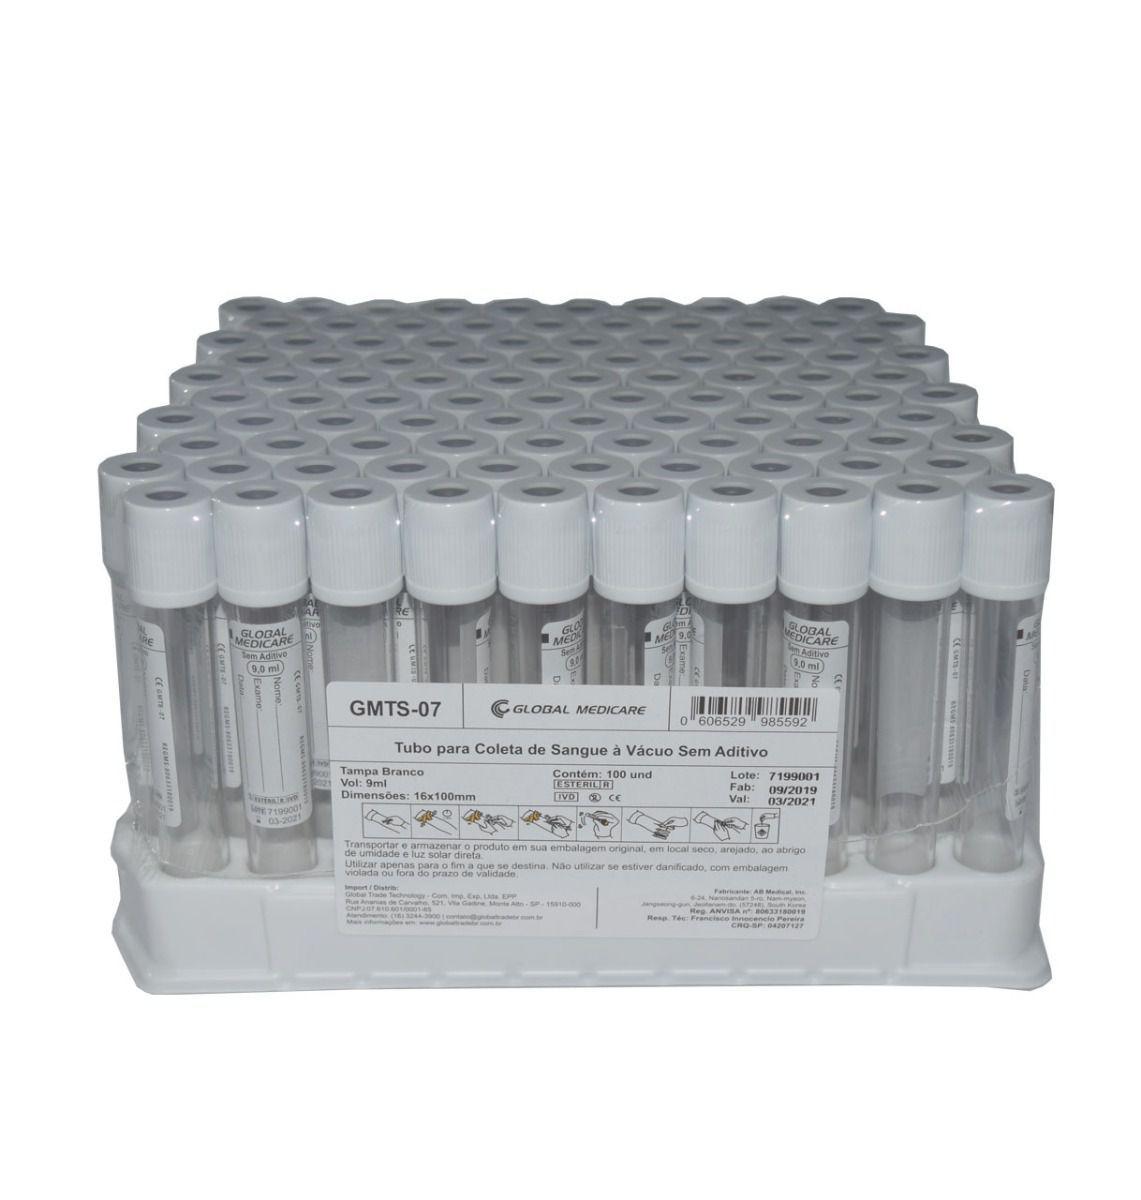 Tubo de Coleta de Sangue à Vácuo sem Aditivo 9,0ml - 100 Unidades